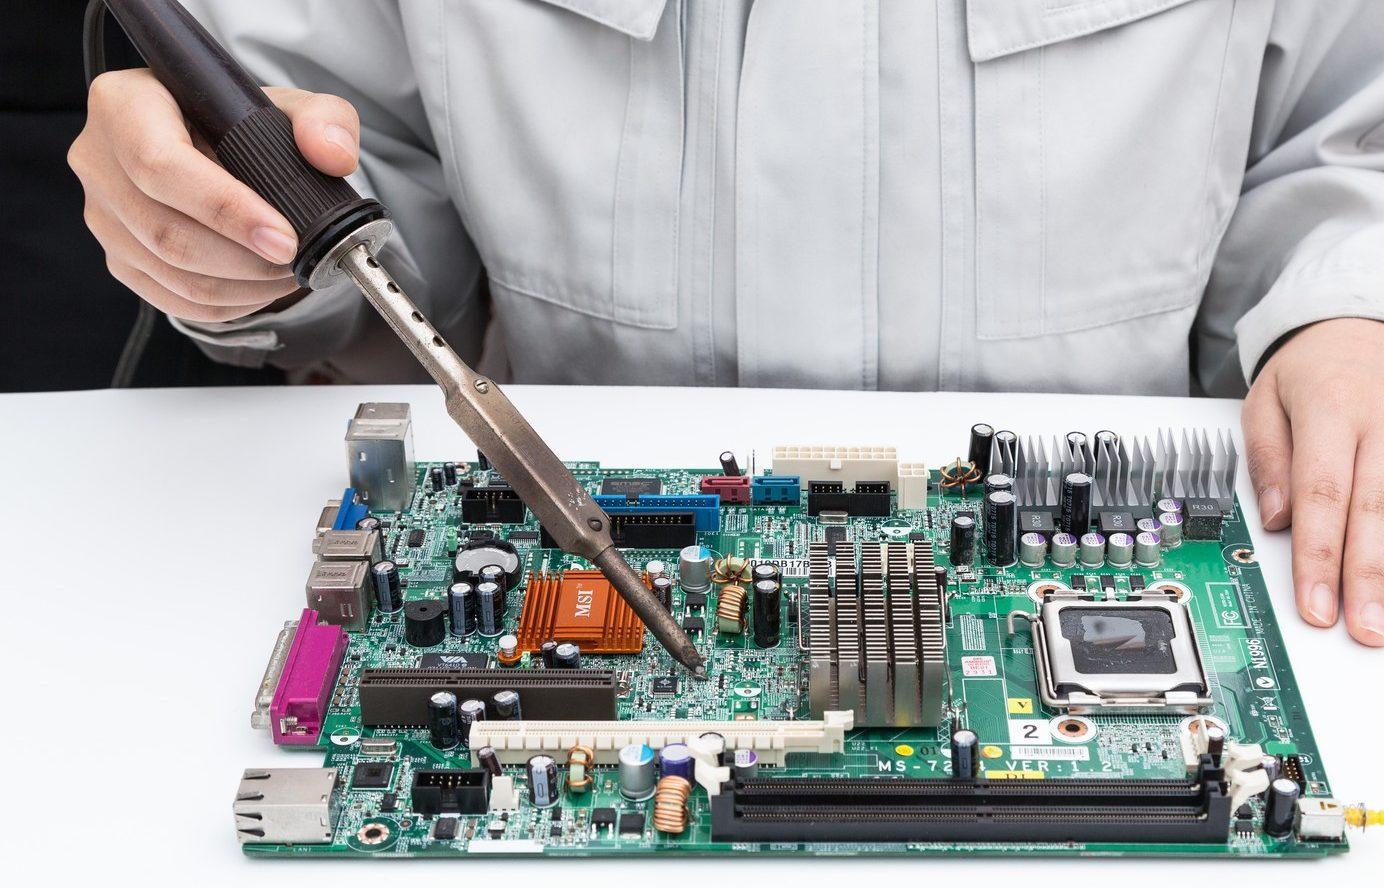 故障したPCを修理に出す